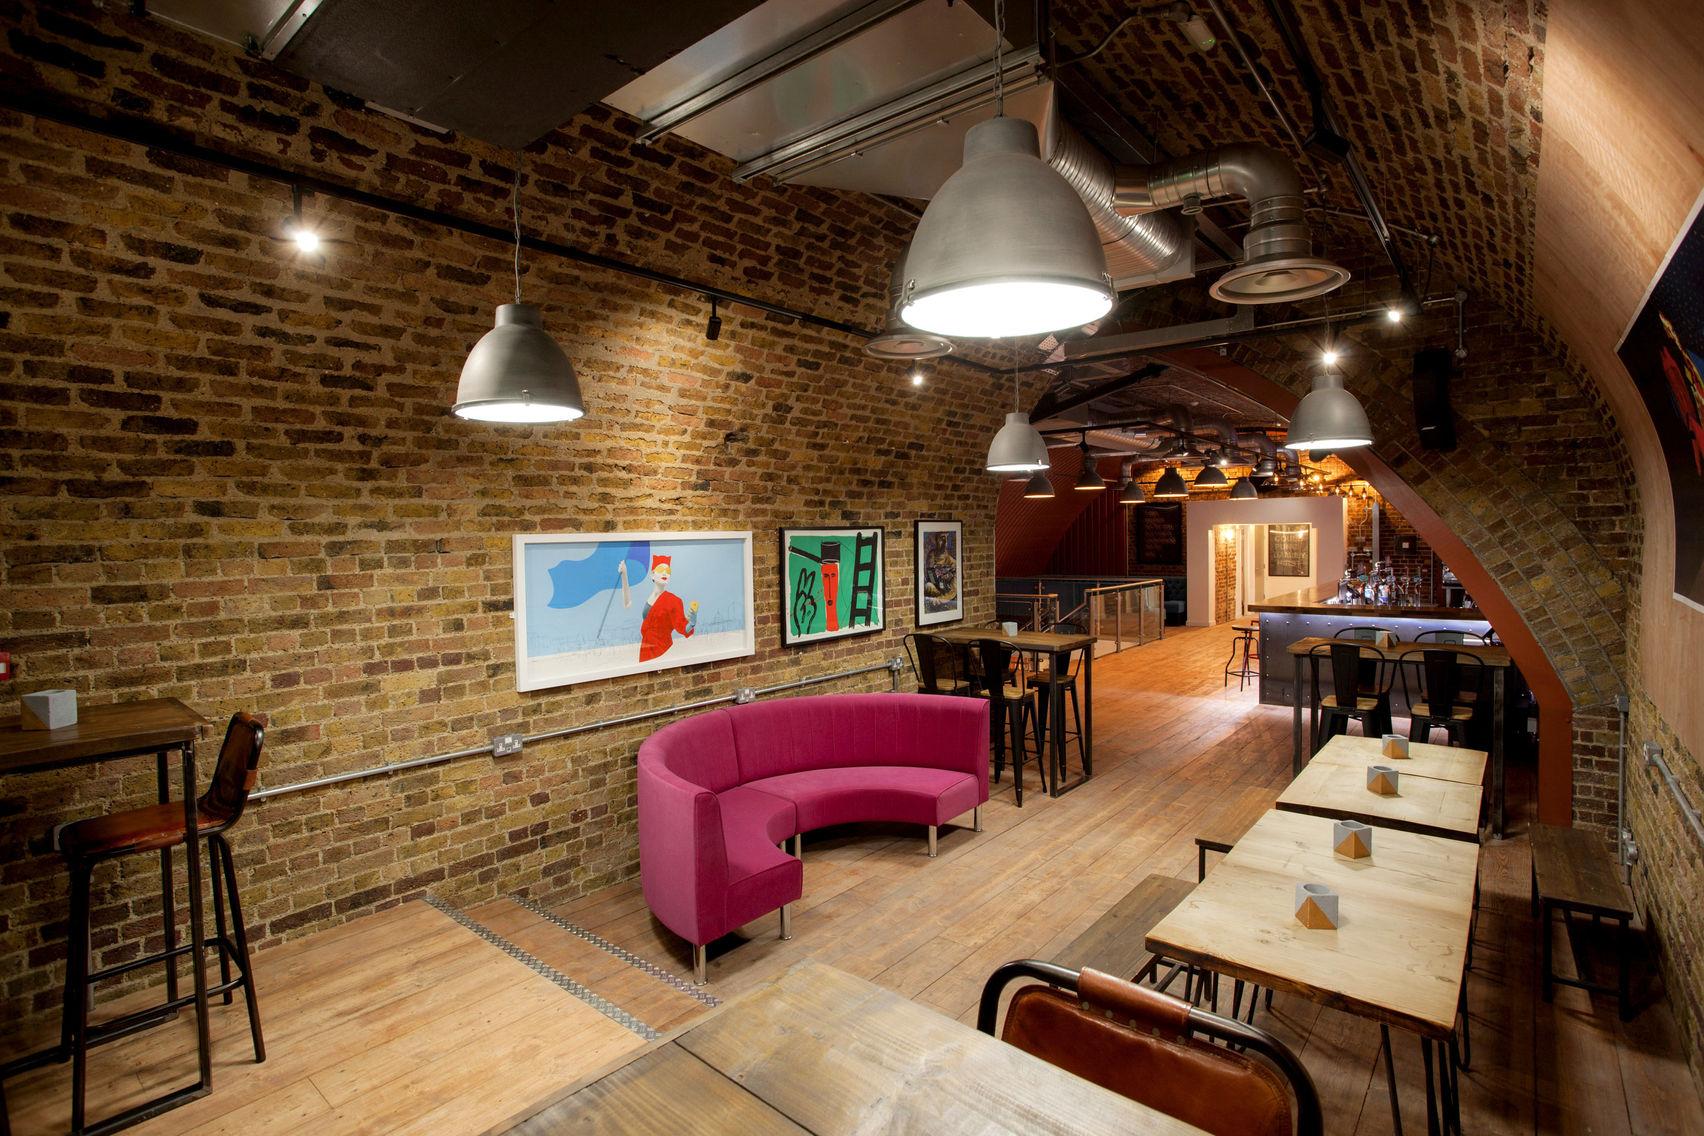 Bose-Sound-System-SAMA-Bankside-Pink-Booth-Upper-Arch-Best-Bar-Award